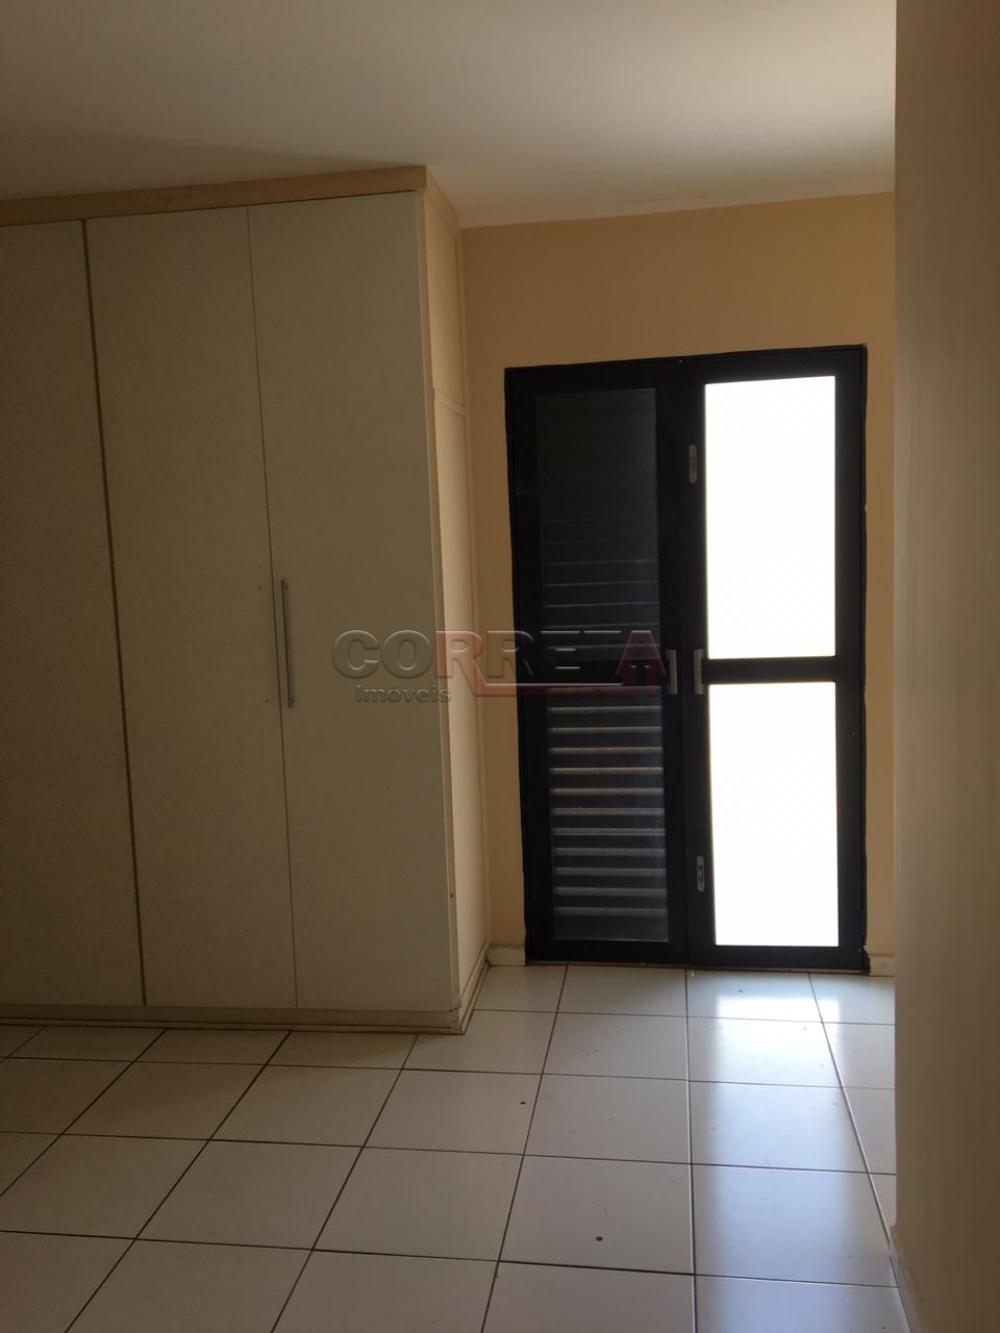 Comprar Casa / Sobrado em Araçatuba apenas R$ 380.000,00 - Foto 12